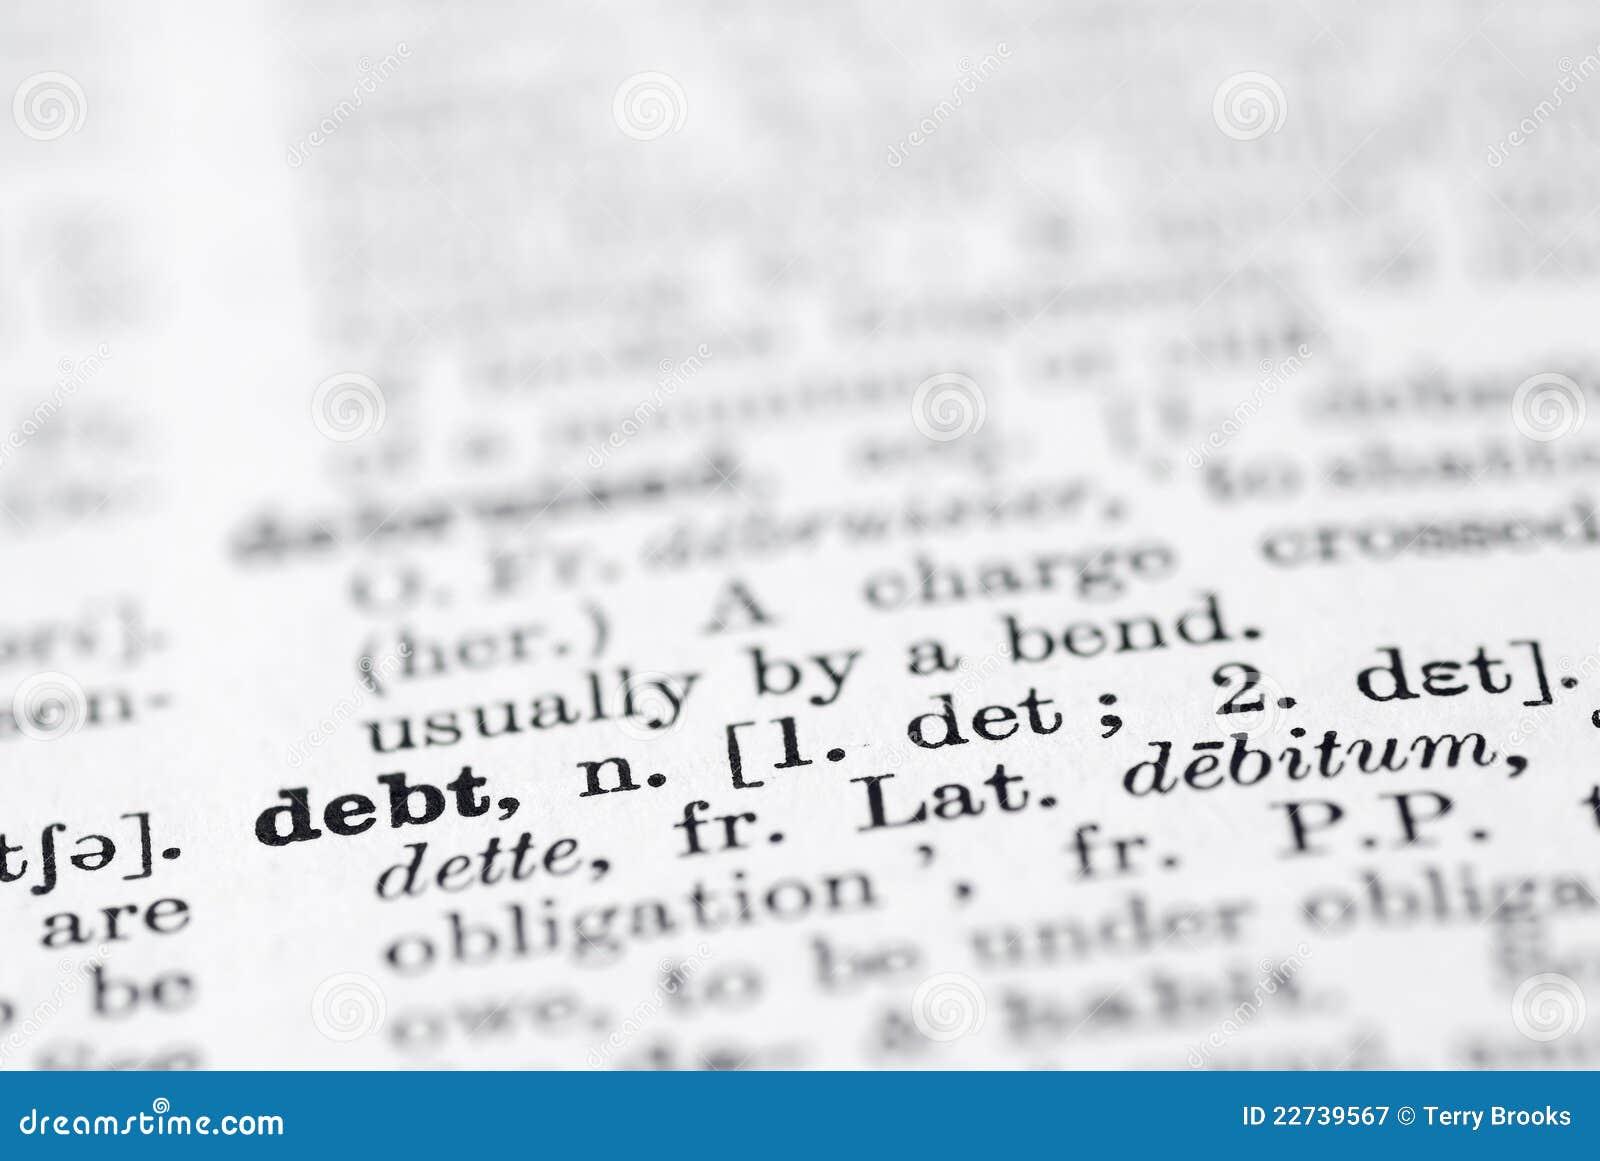 Schuld Definitie In Engels Woordenboek Stock Afbeelding